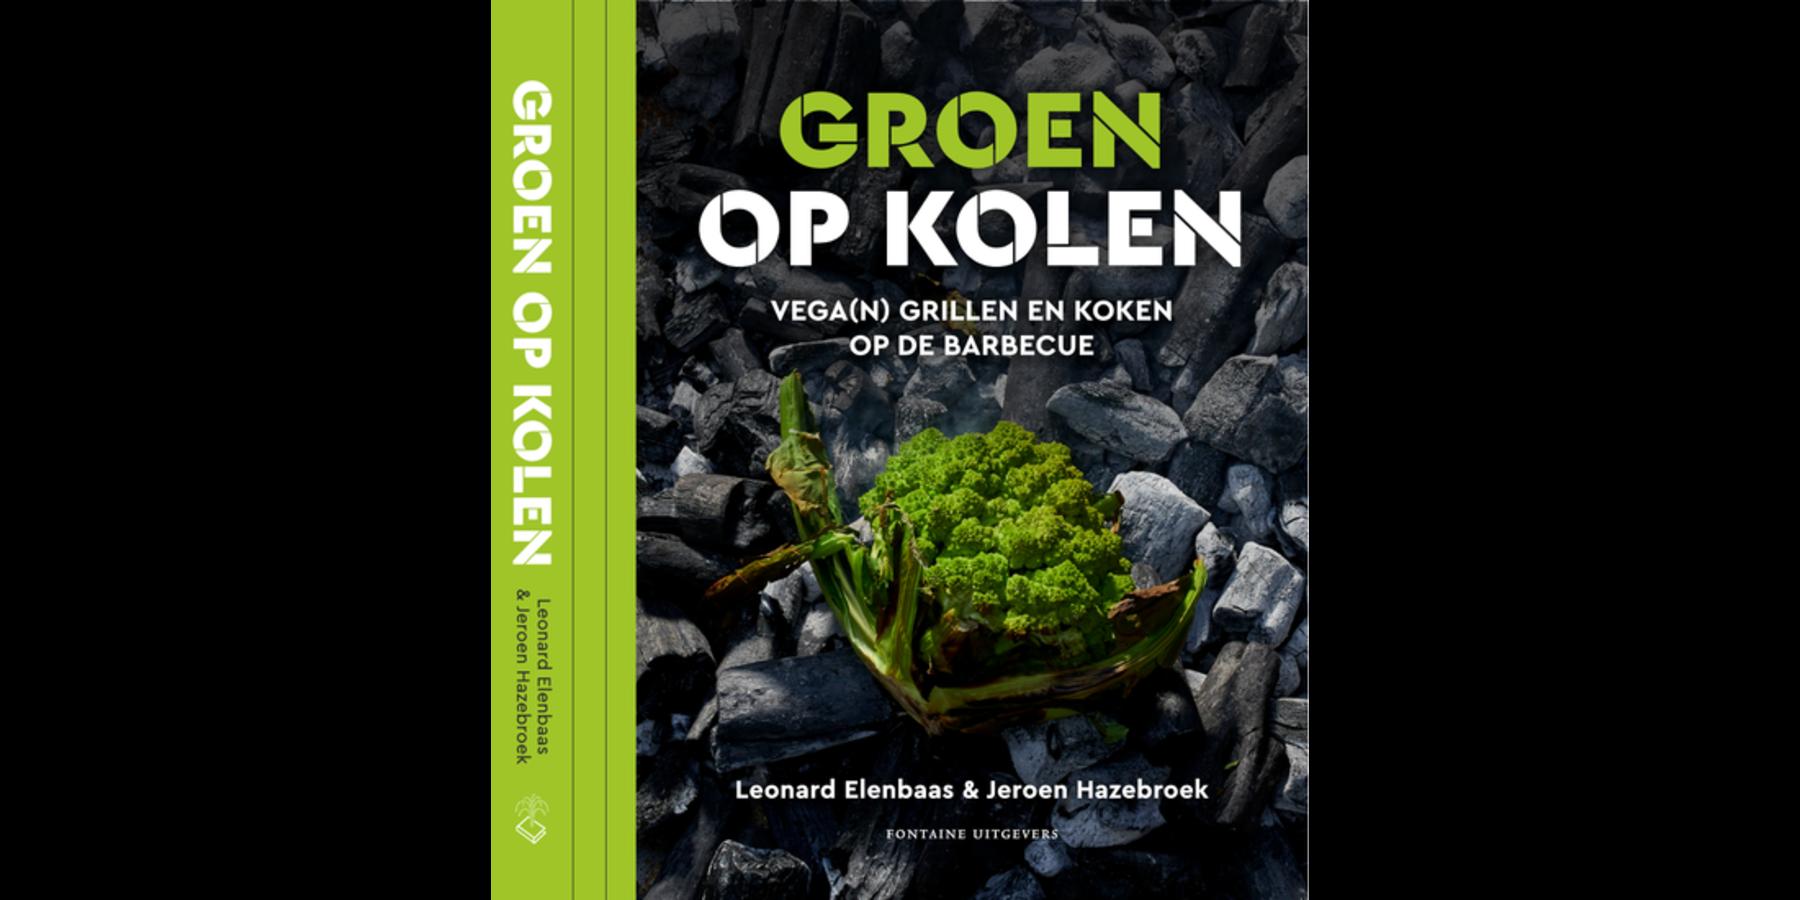 Groen op kolen - vega(n)  grillen op de barbecue